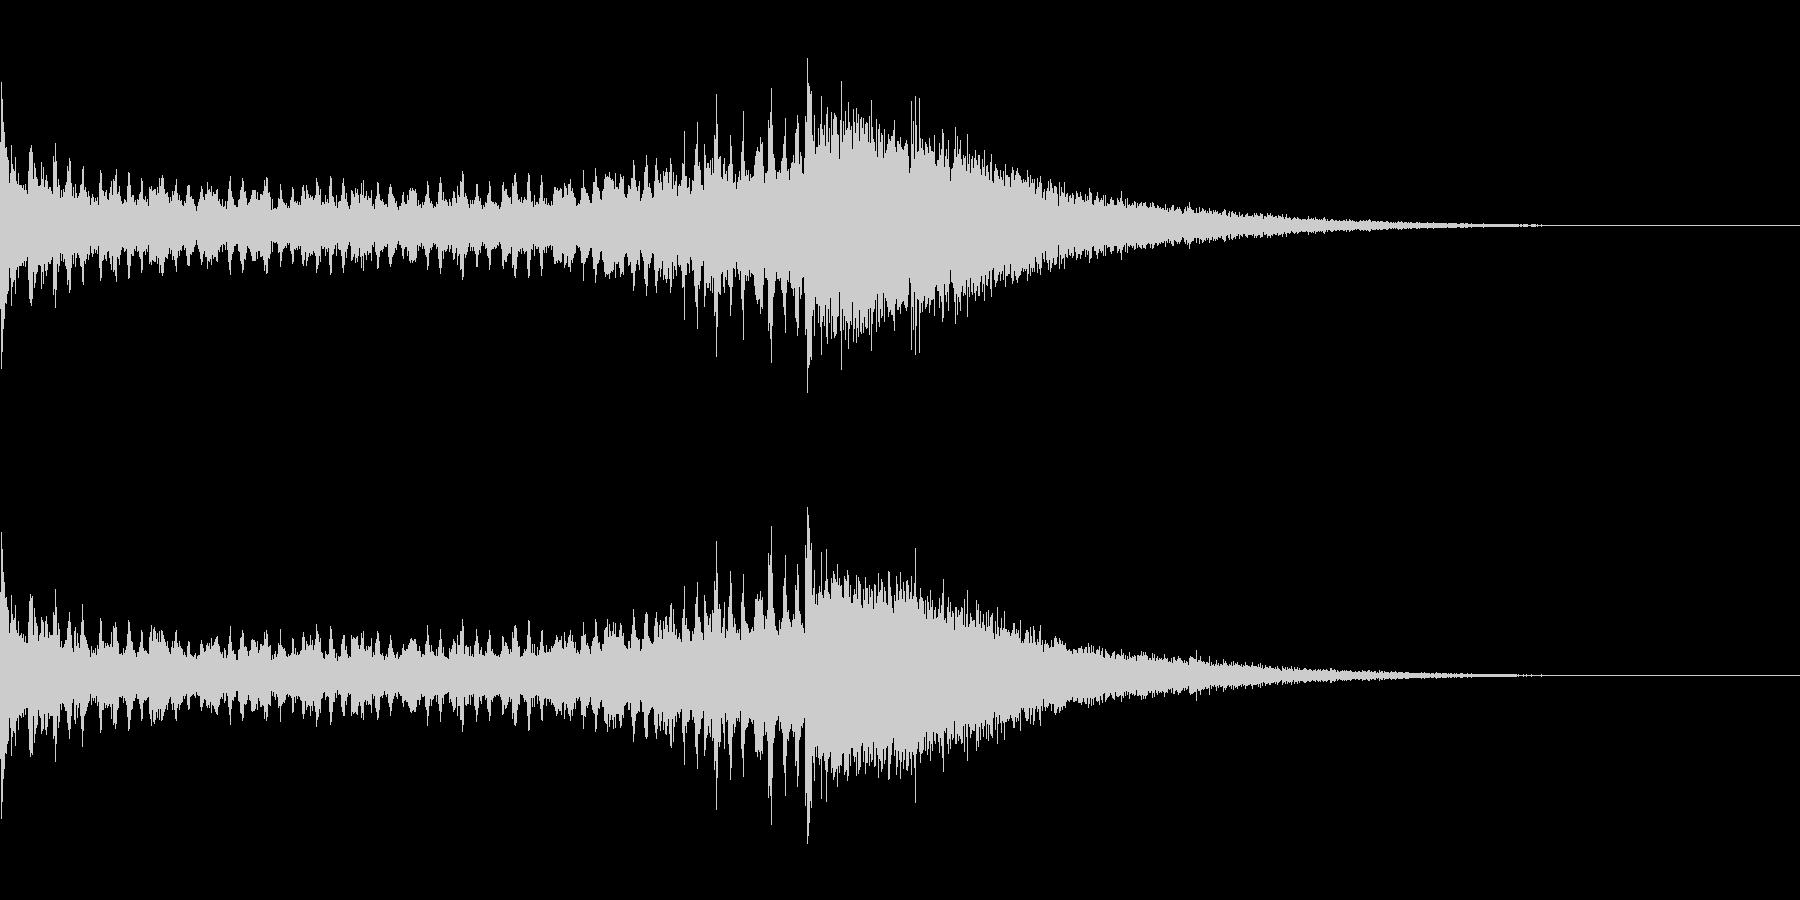 ドラムロールとシンバル 1 残響ありの未再生の波形